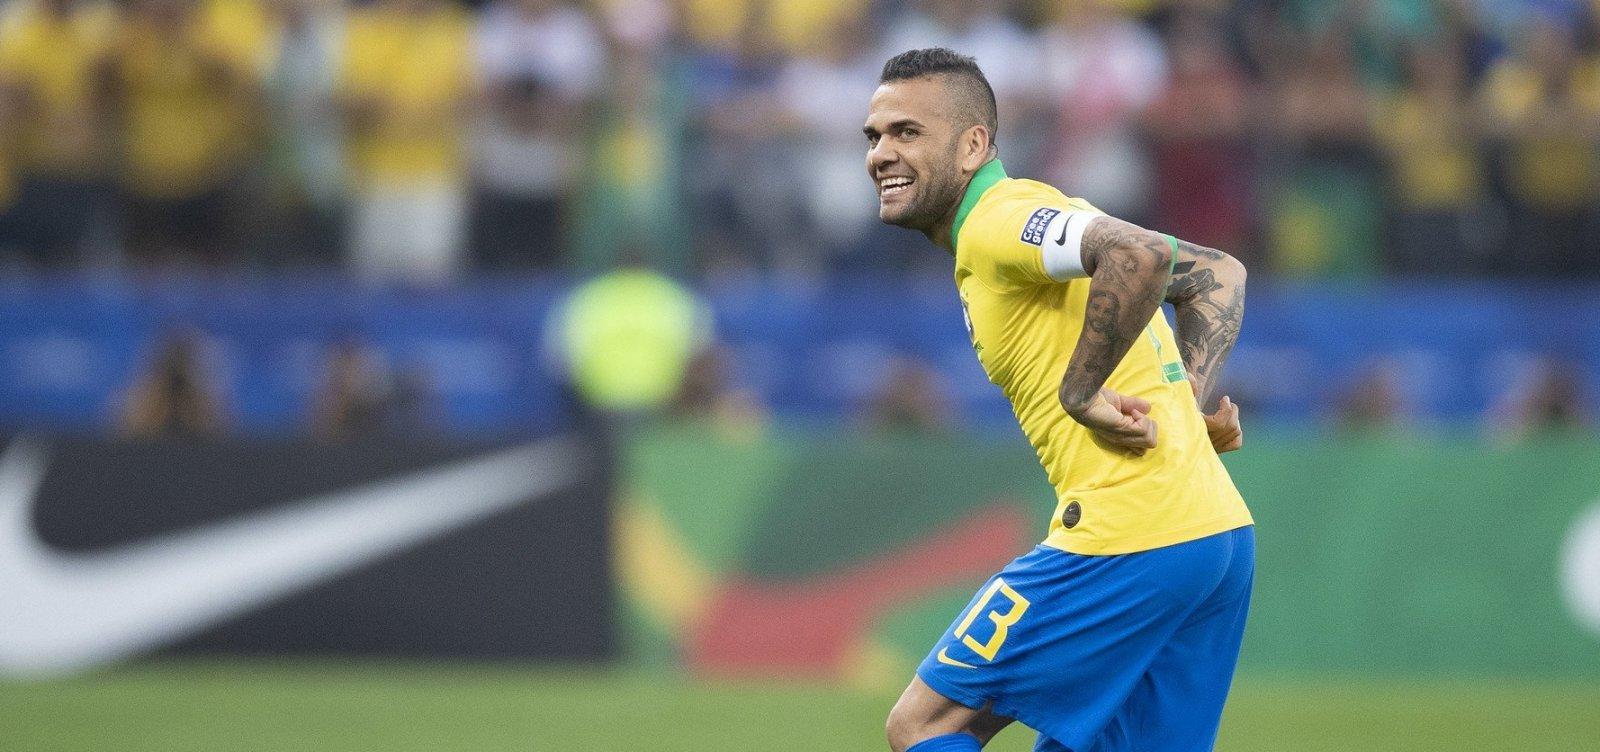 [Daniel Alves diz que torcida do Bahia o 'rechaçou' e fala de permanência no São Paulo]